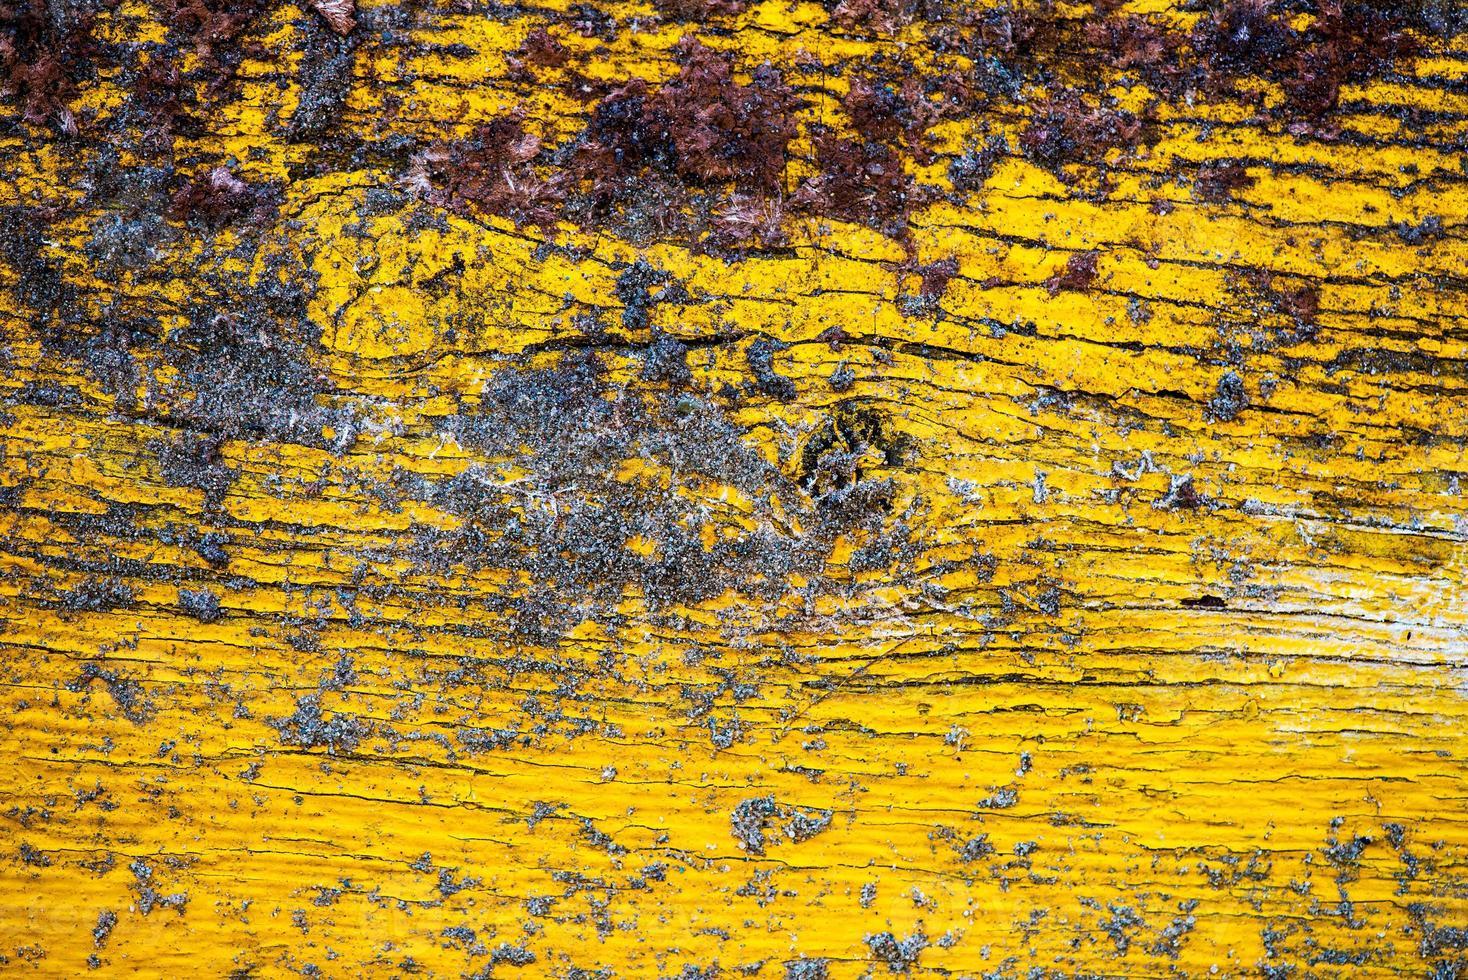 fundo de parede amarelo de madeira velha pintada foto